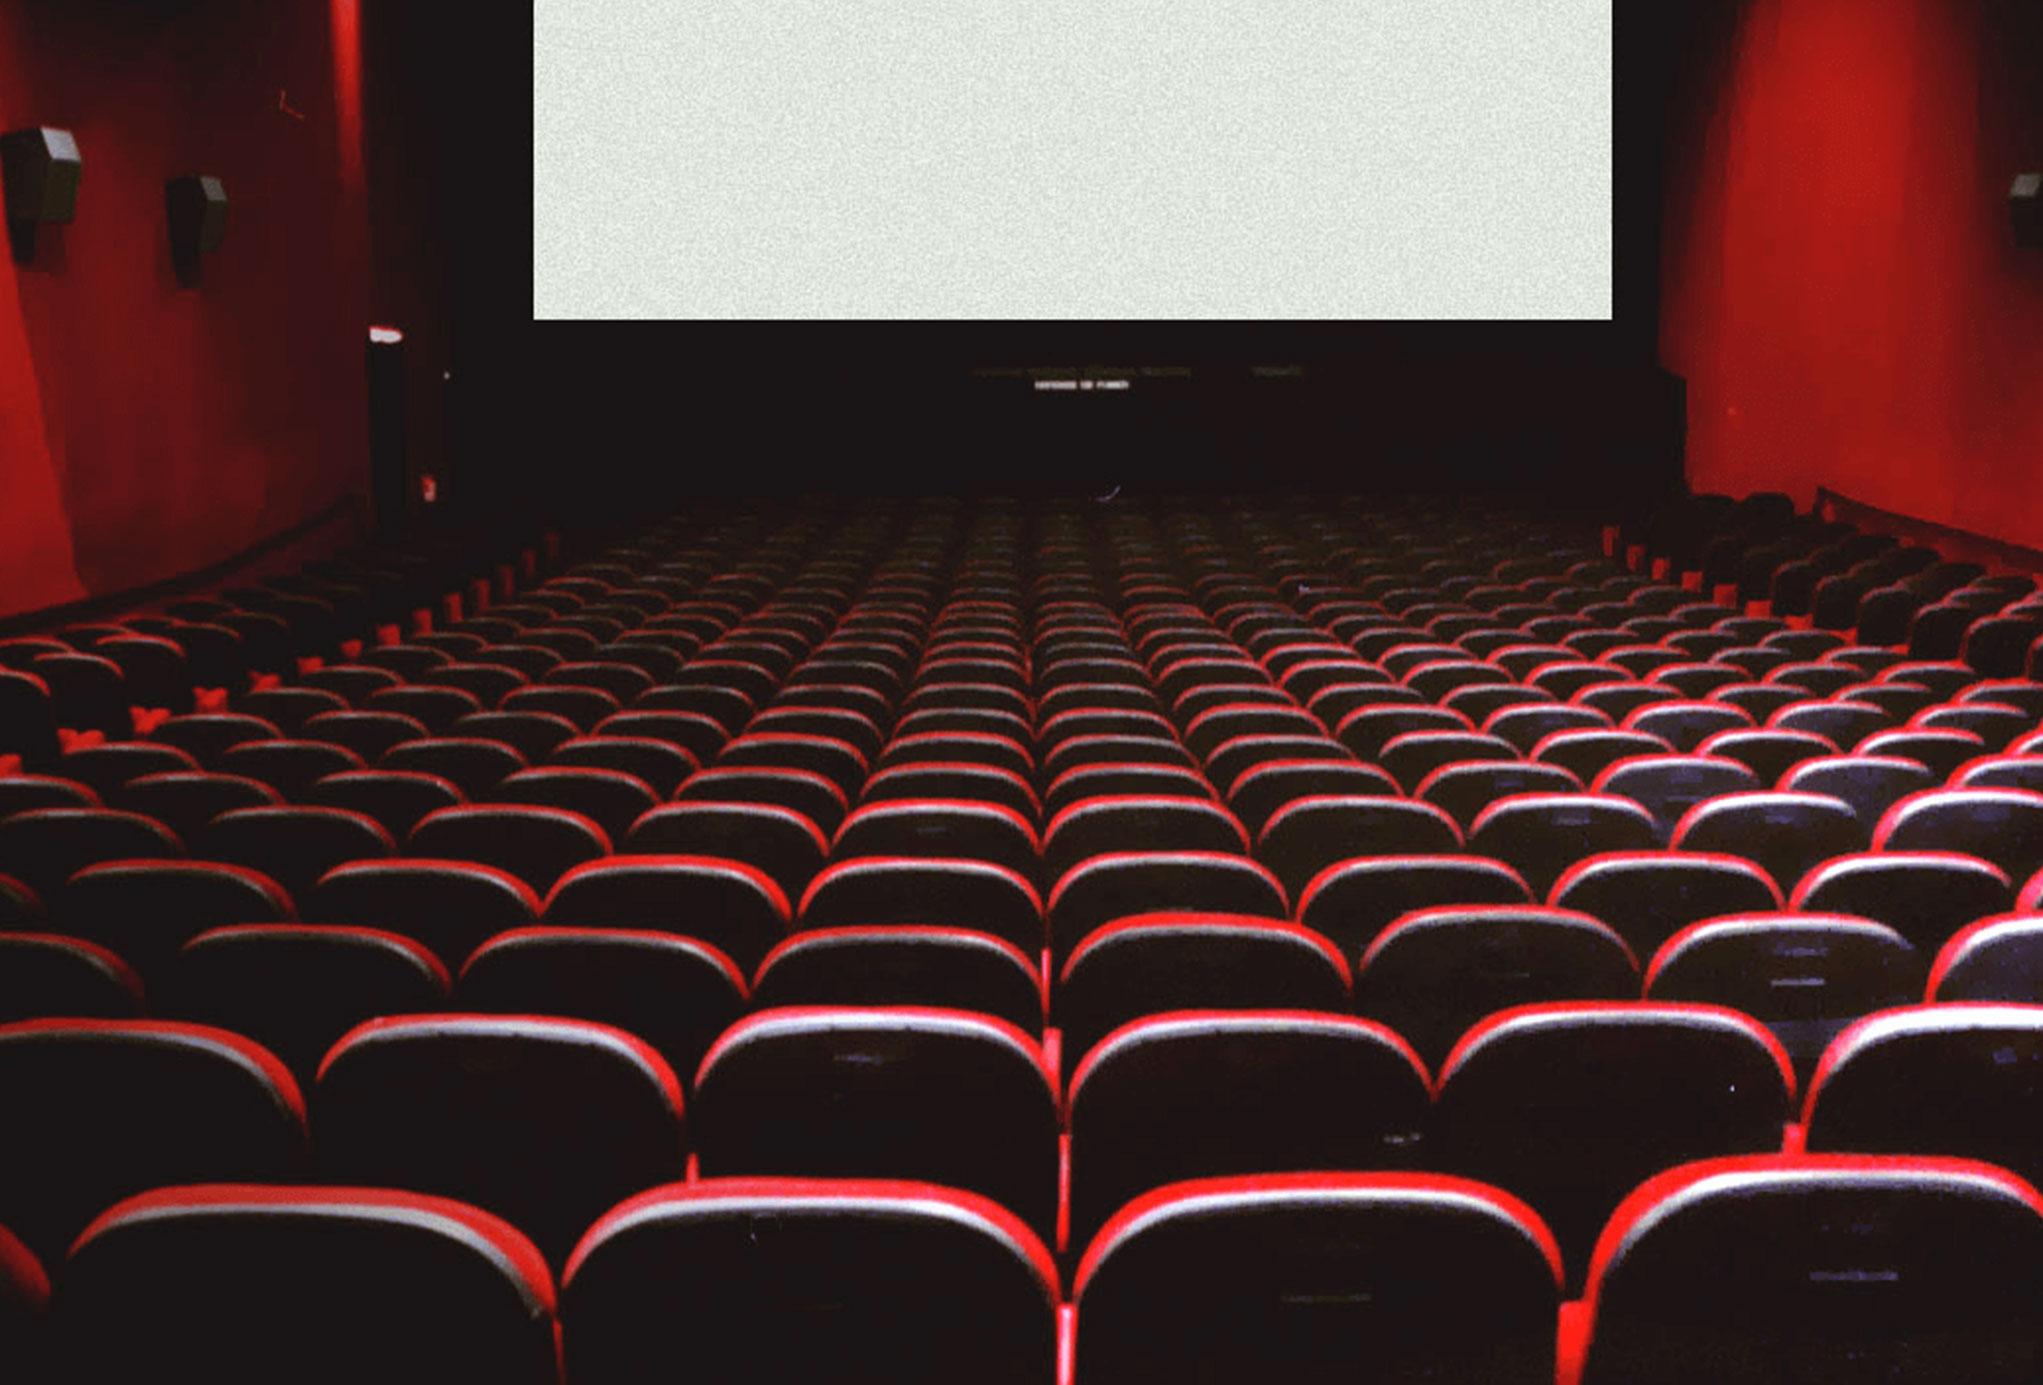 افزایش فروش و مخاطبان سینما در بهار ۹۸